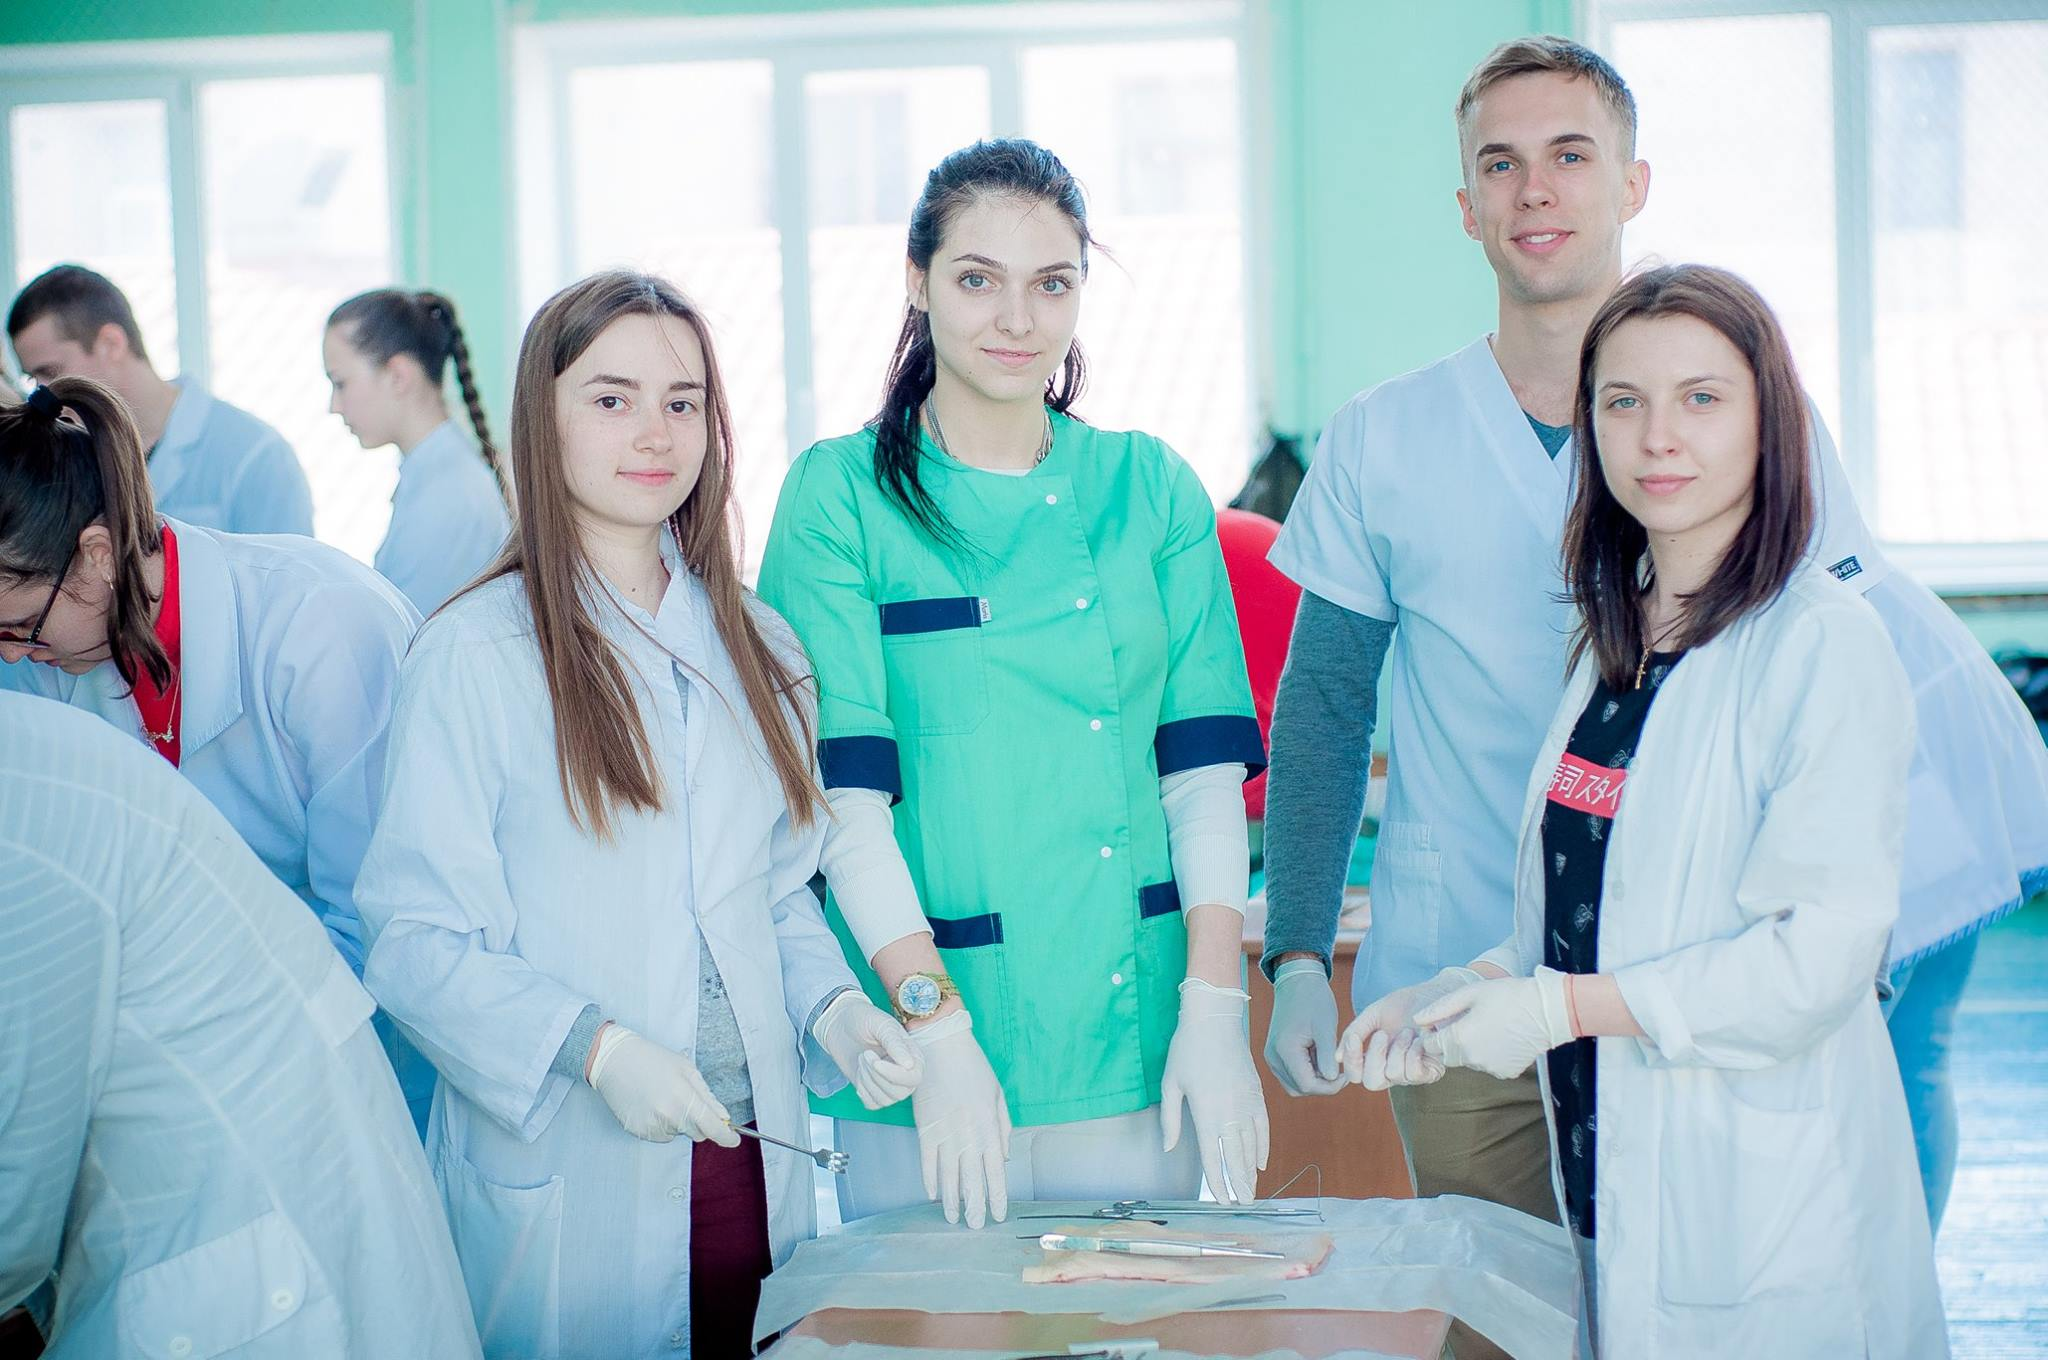 Ukrayna'da Üniversite Bölümleri, Ukrayna'da Tıp Eğitimi, Ukrayna'da Diş Hekimliği